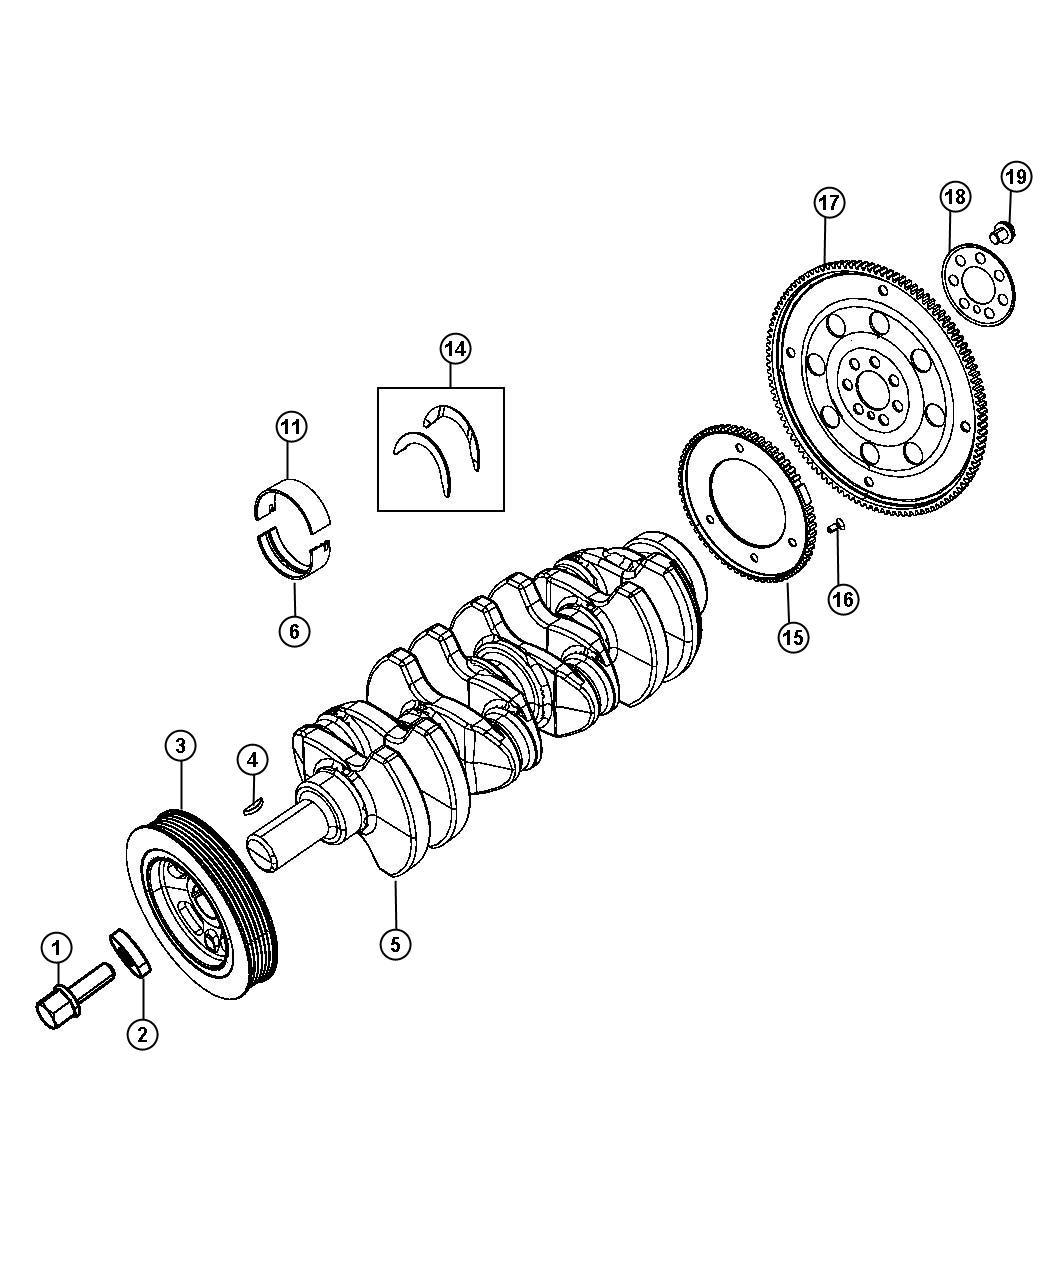 Jeep Patriot Crankshaft Kit Crankshaft Package Engine